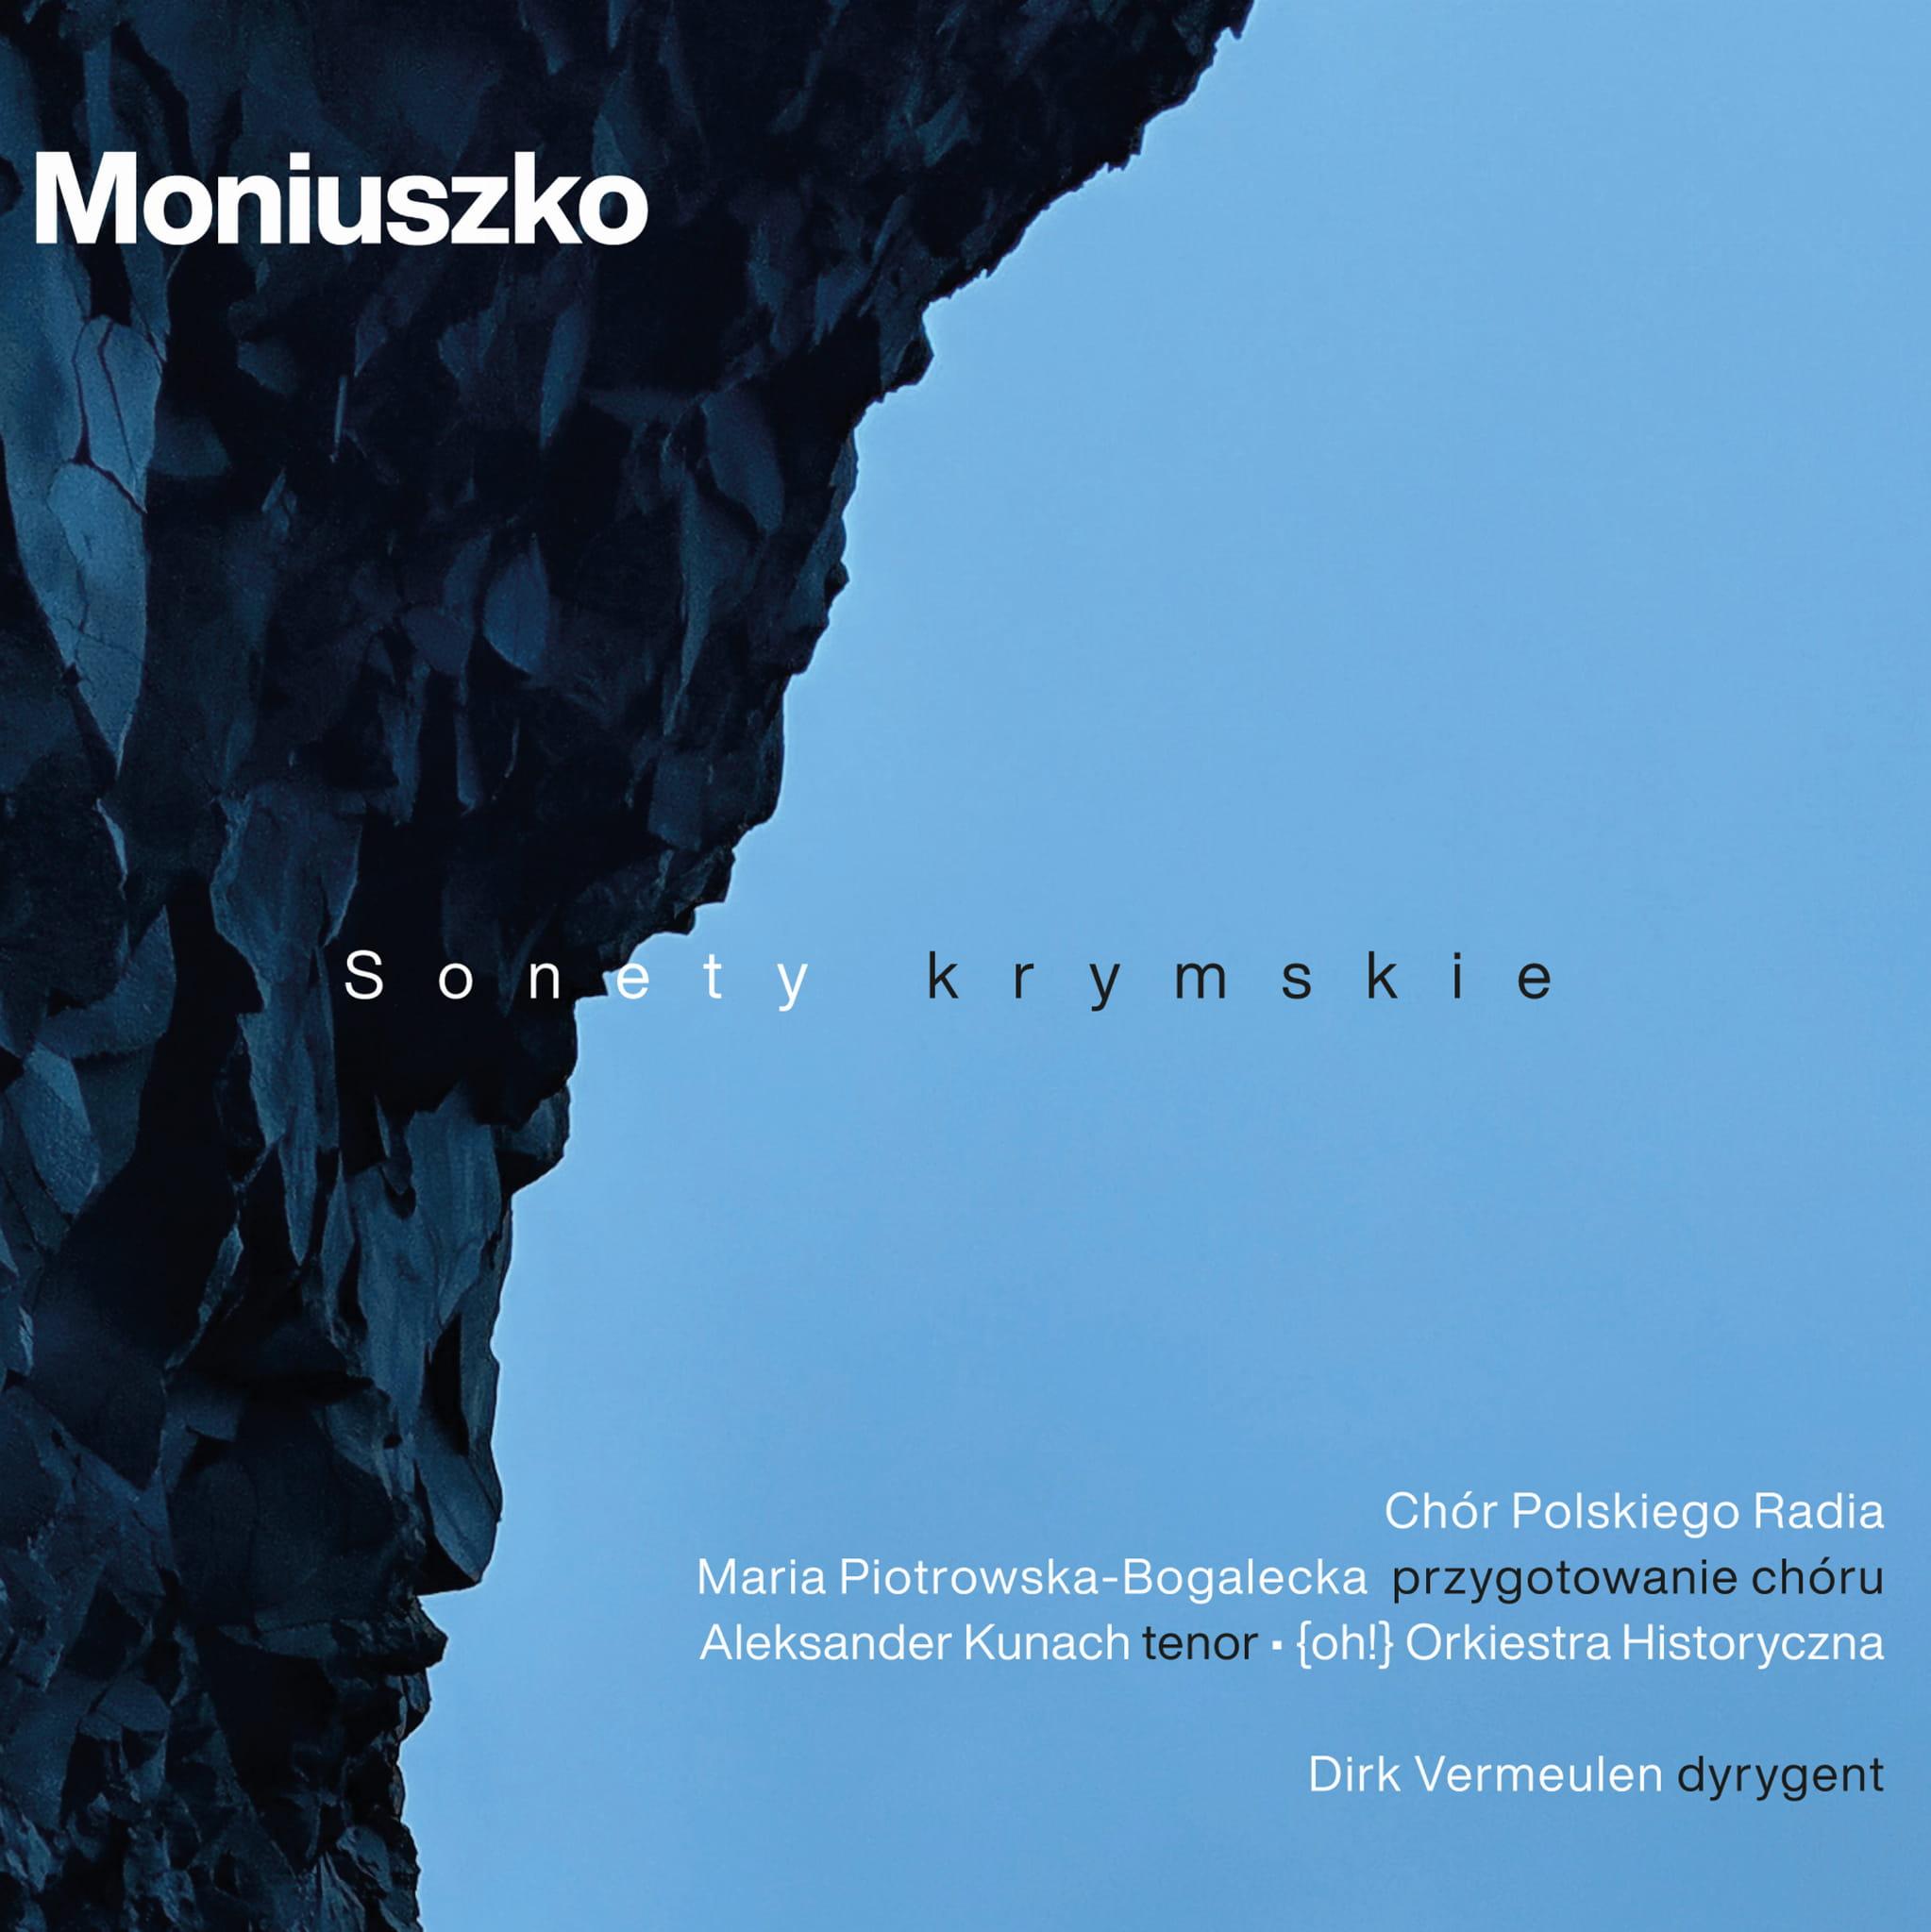 Moniuszko - Sonety krymskie [CD]